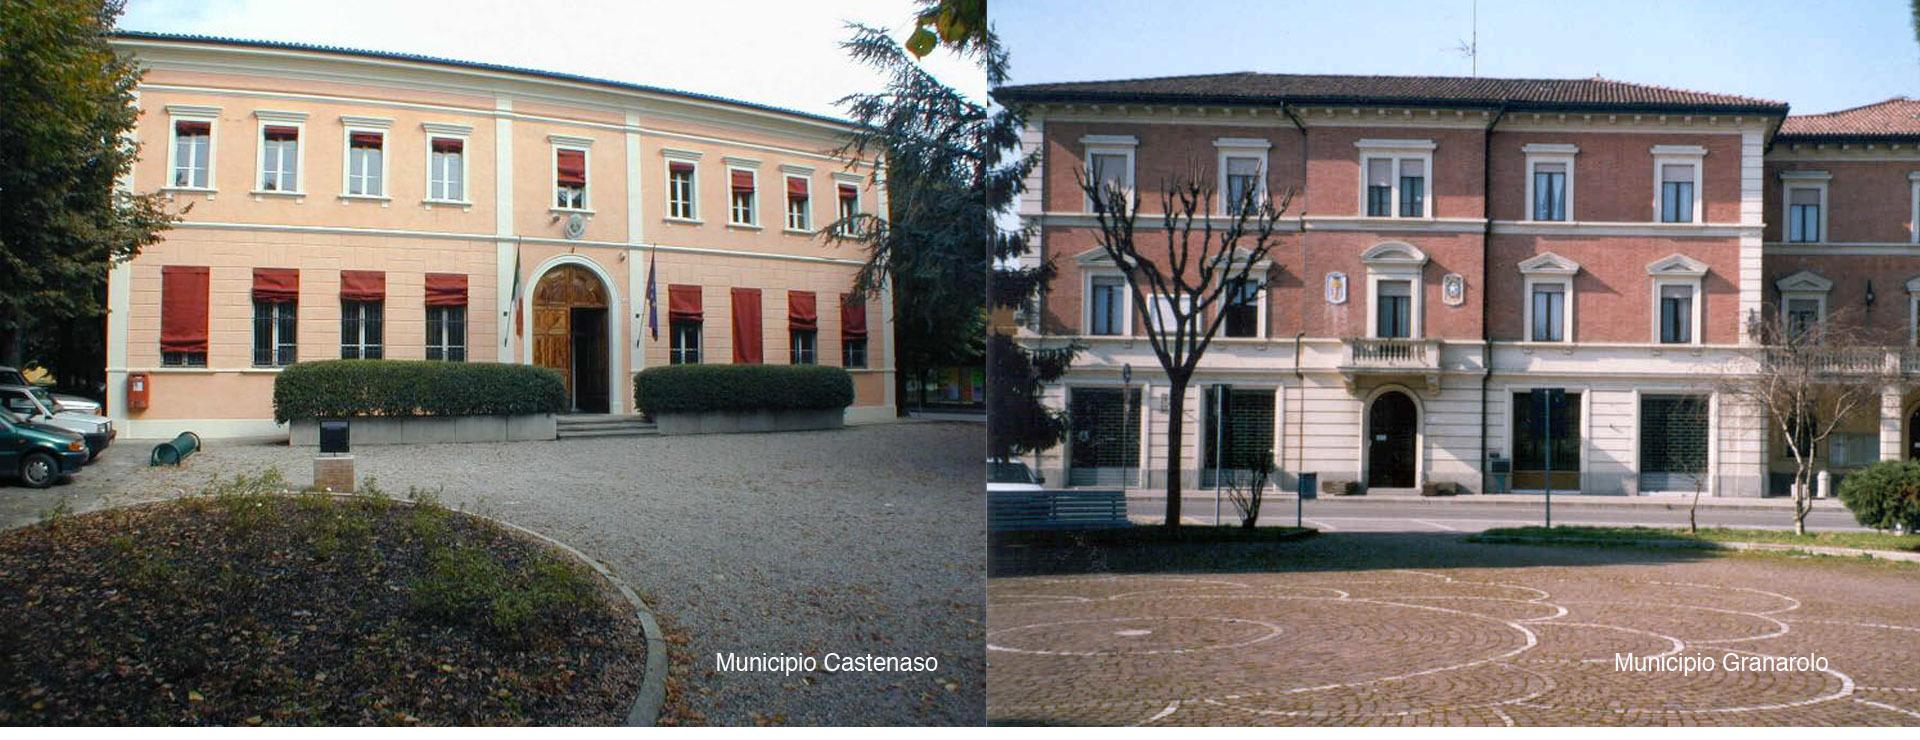 Comune Di Granarolo Dell Emilia portale - la giunta regionale approva la fusione dei comuni